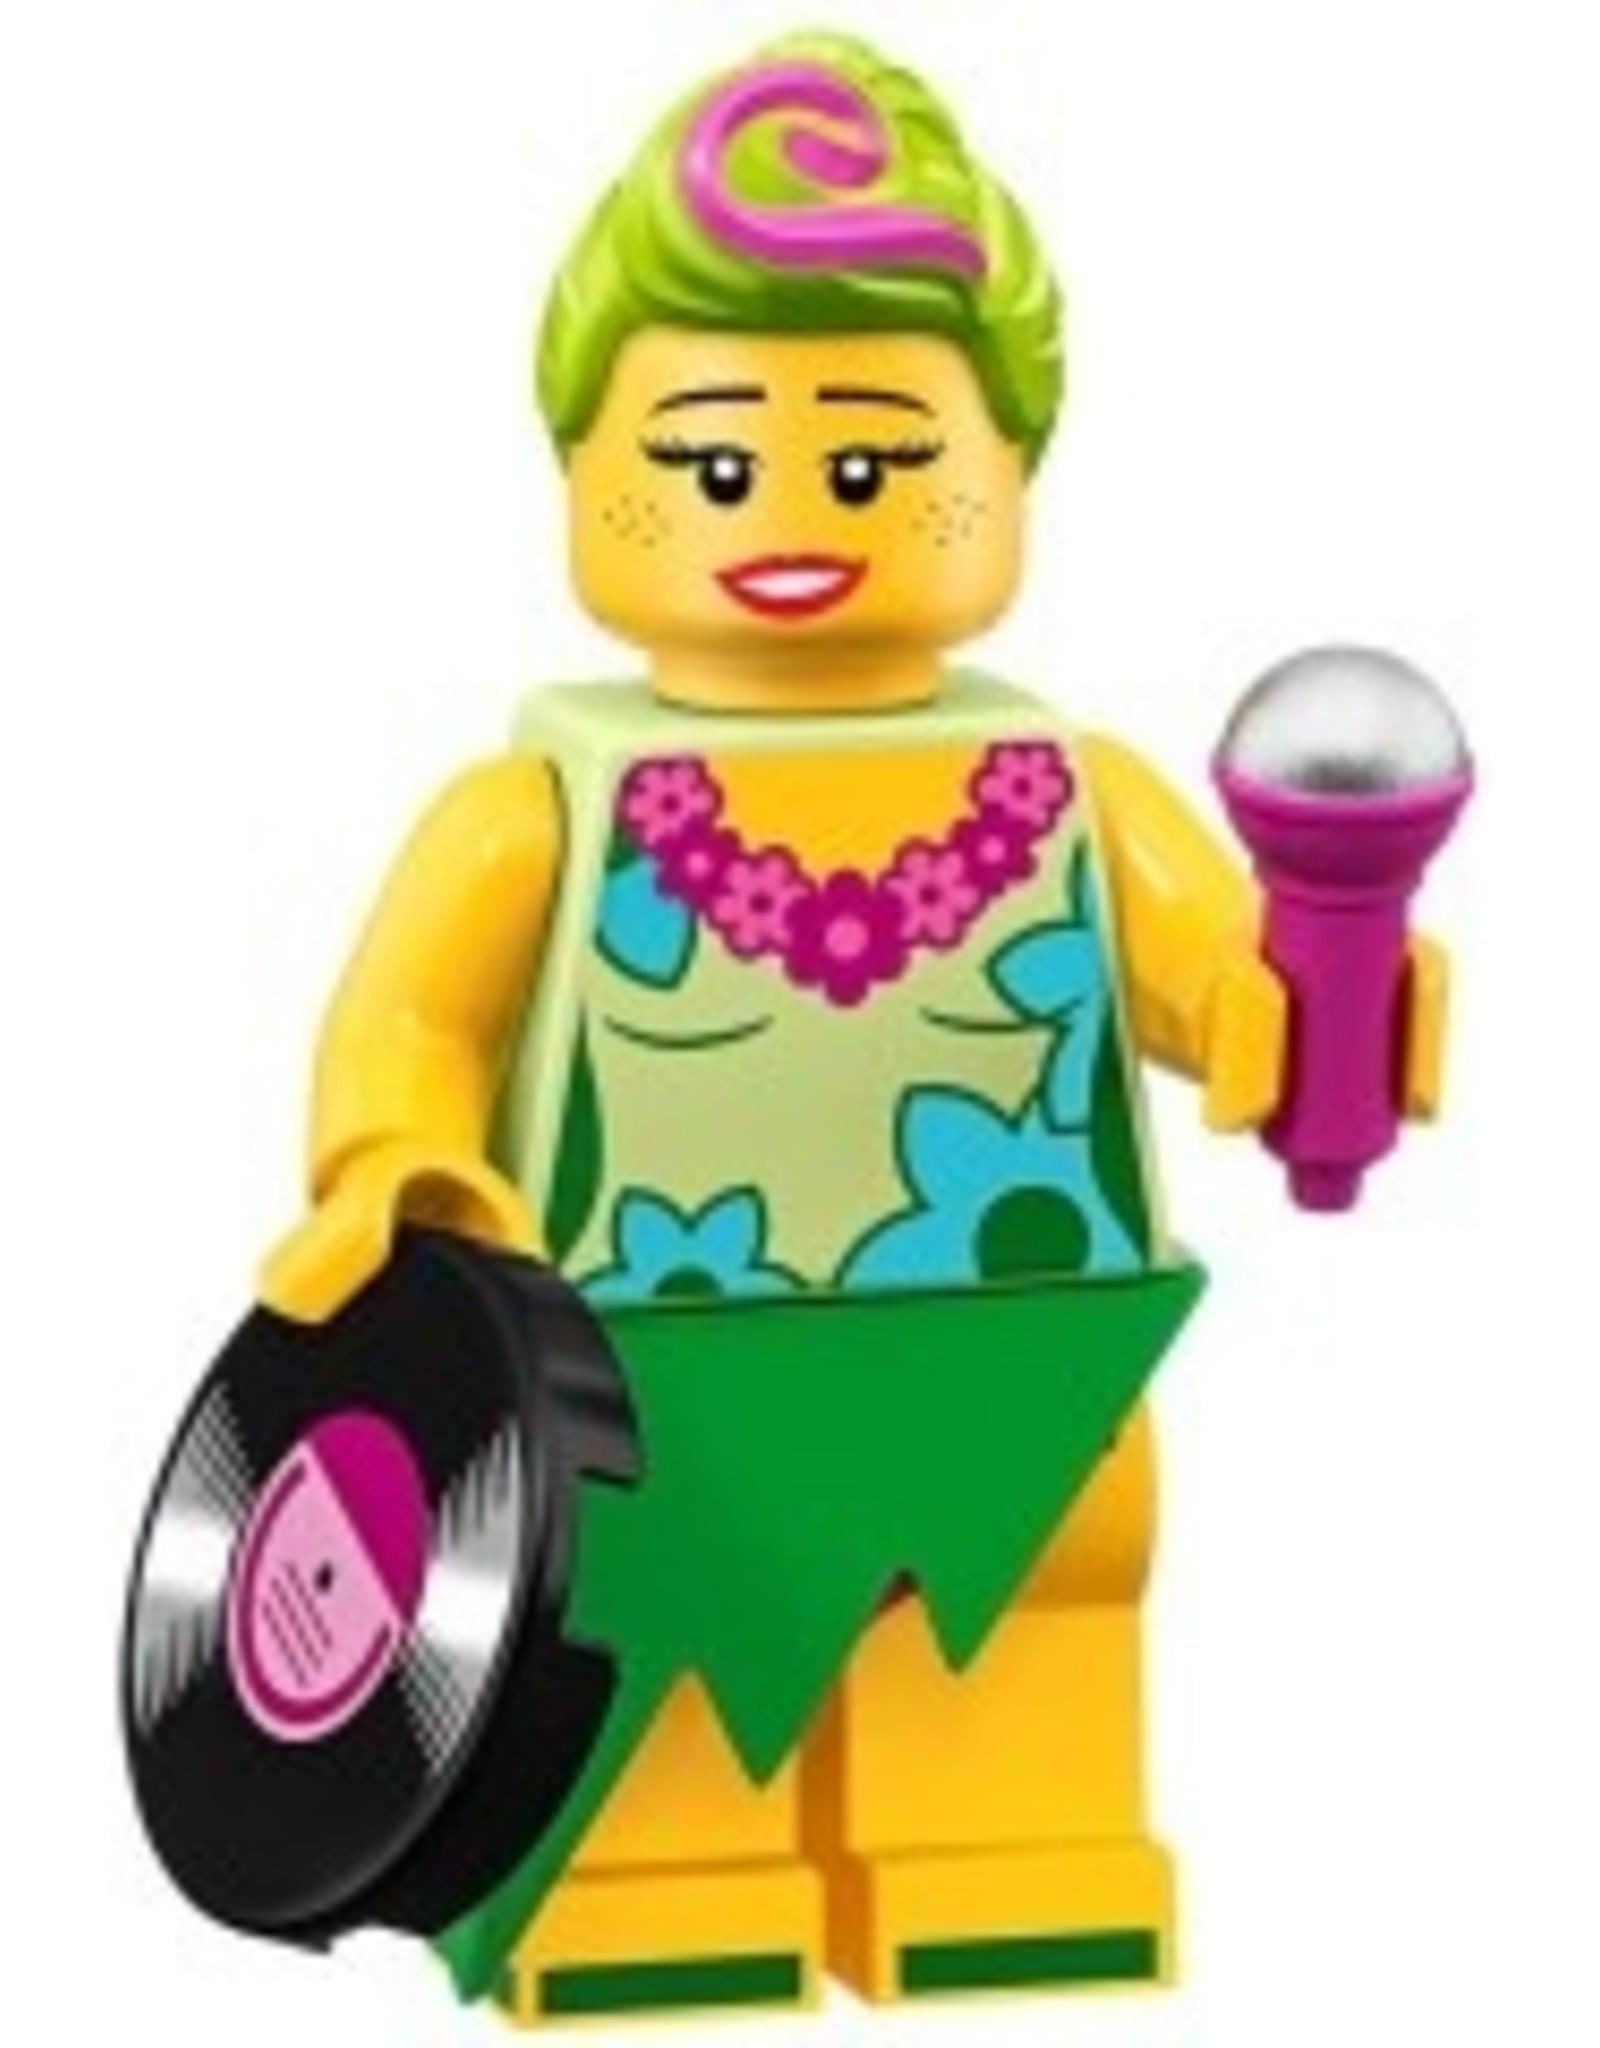 LEGO LEGO Minifigures The lego movie 2 - Hula Lula 7/20 - 71023